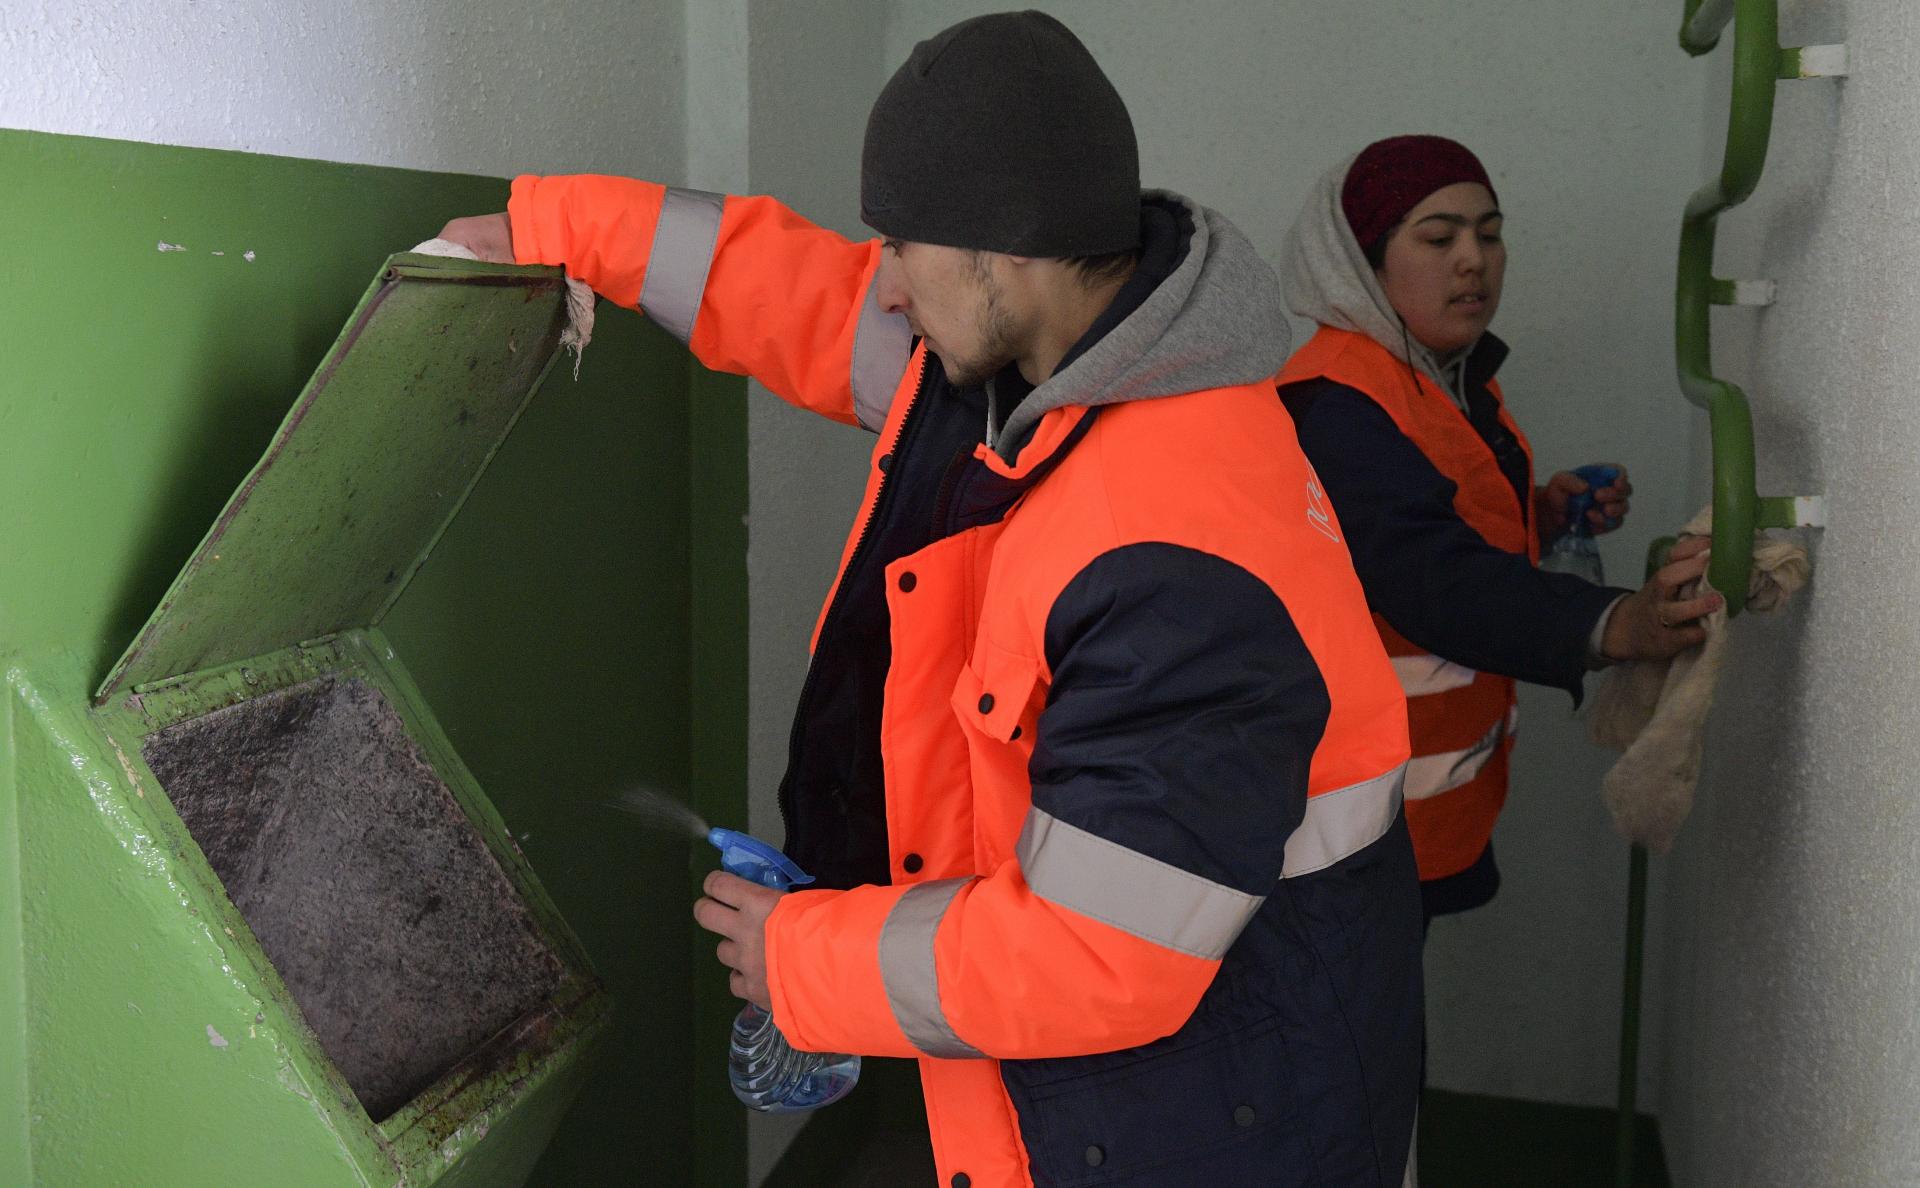 В России предложили законсервировать мусоропроводы в жилых домах